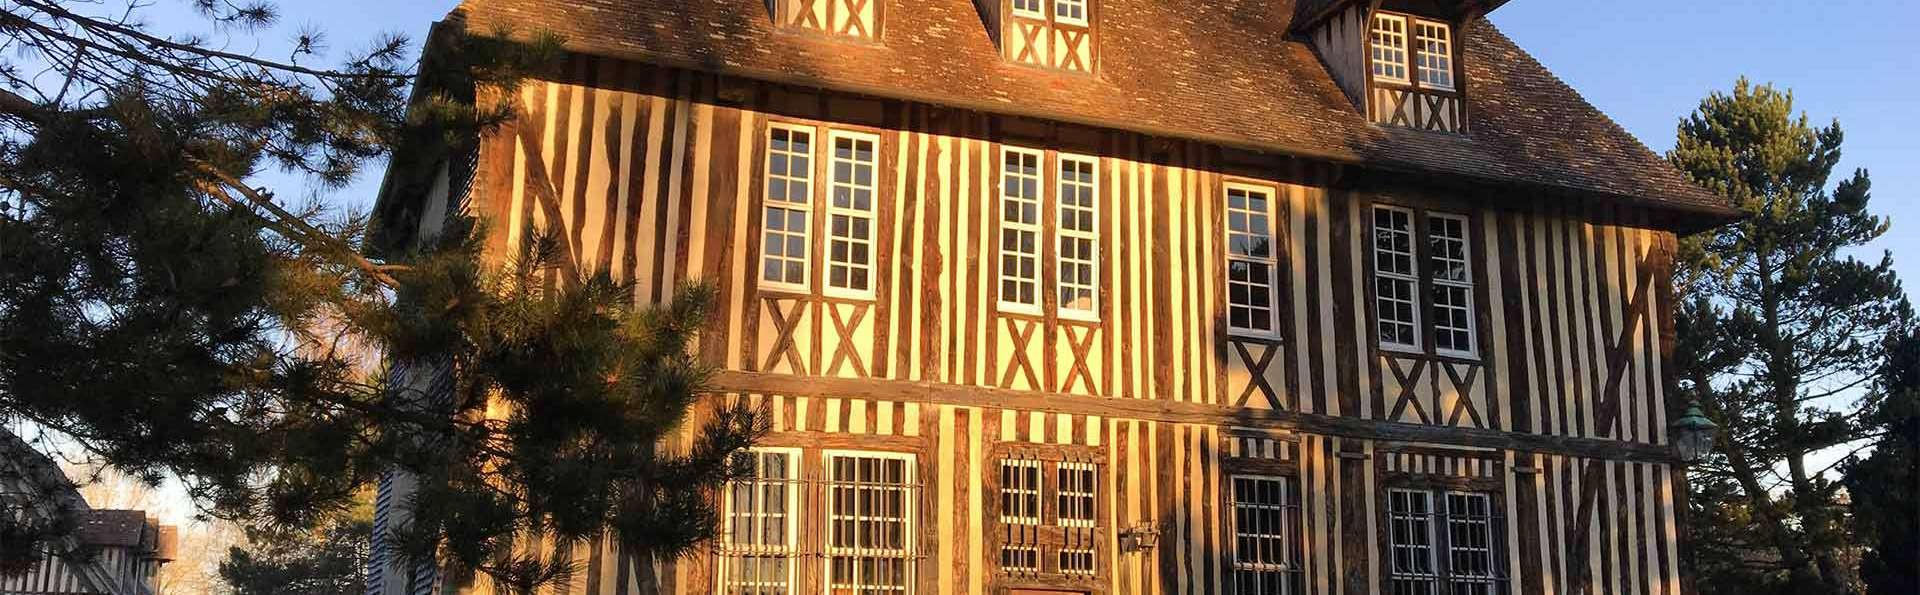 Les Manoirs des Portes de Deauville - EDIT_Manoir_01.jpg